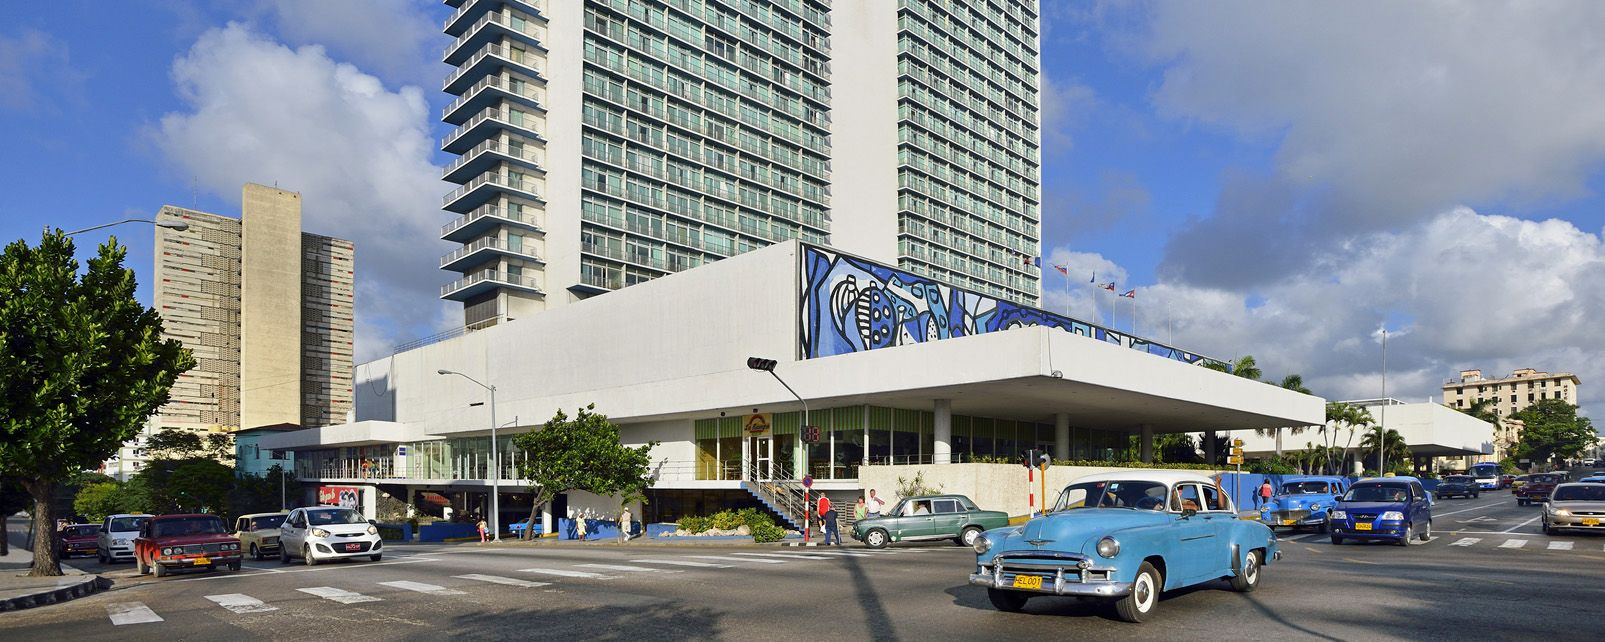 Hotel Tryp Habana Libre in Havana